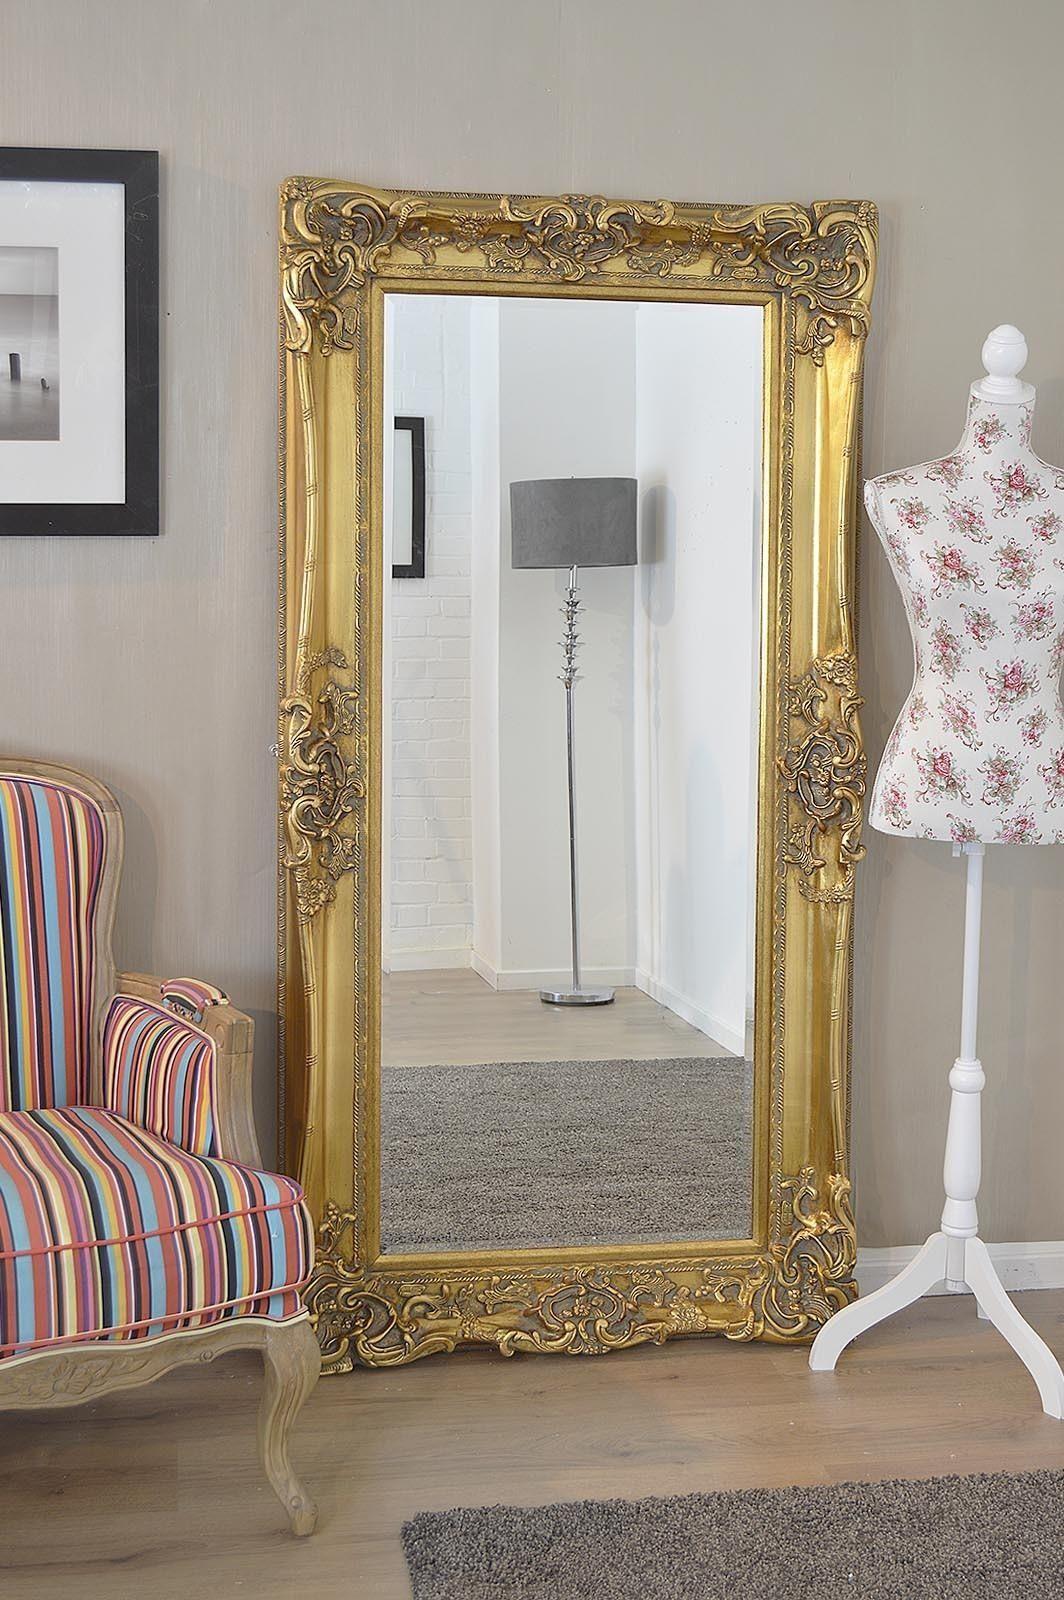 L geformte badezimmer umgestalten ideen top  verzierten wand spiegel spiegel  spiegel in